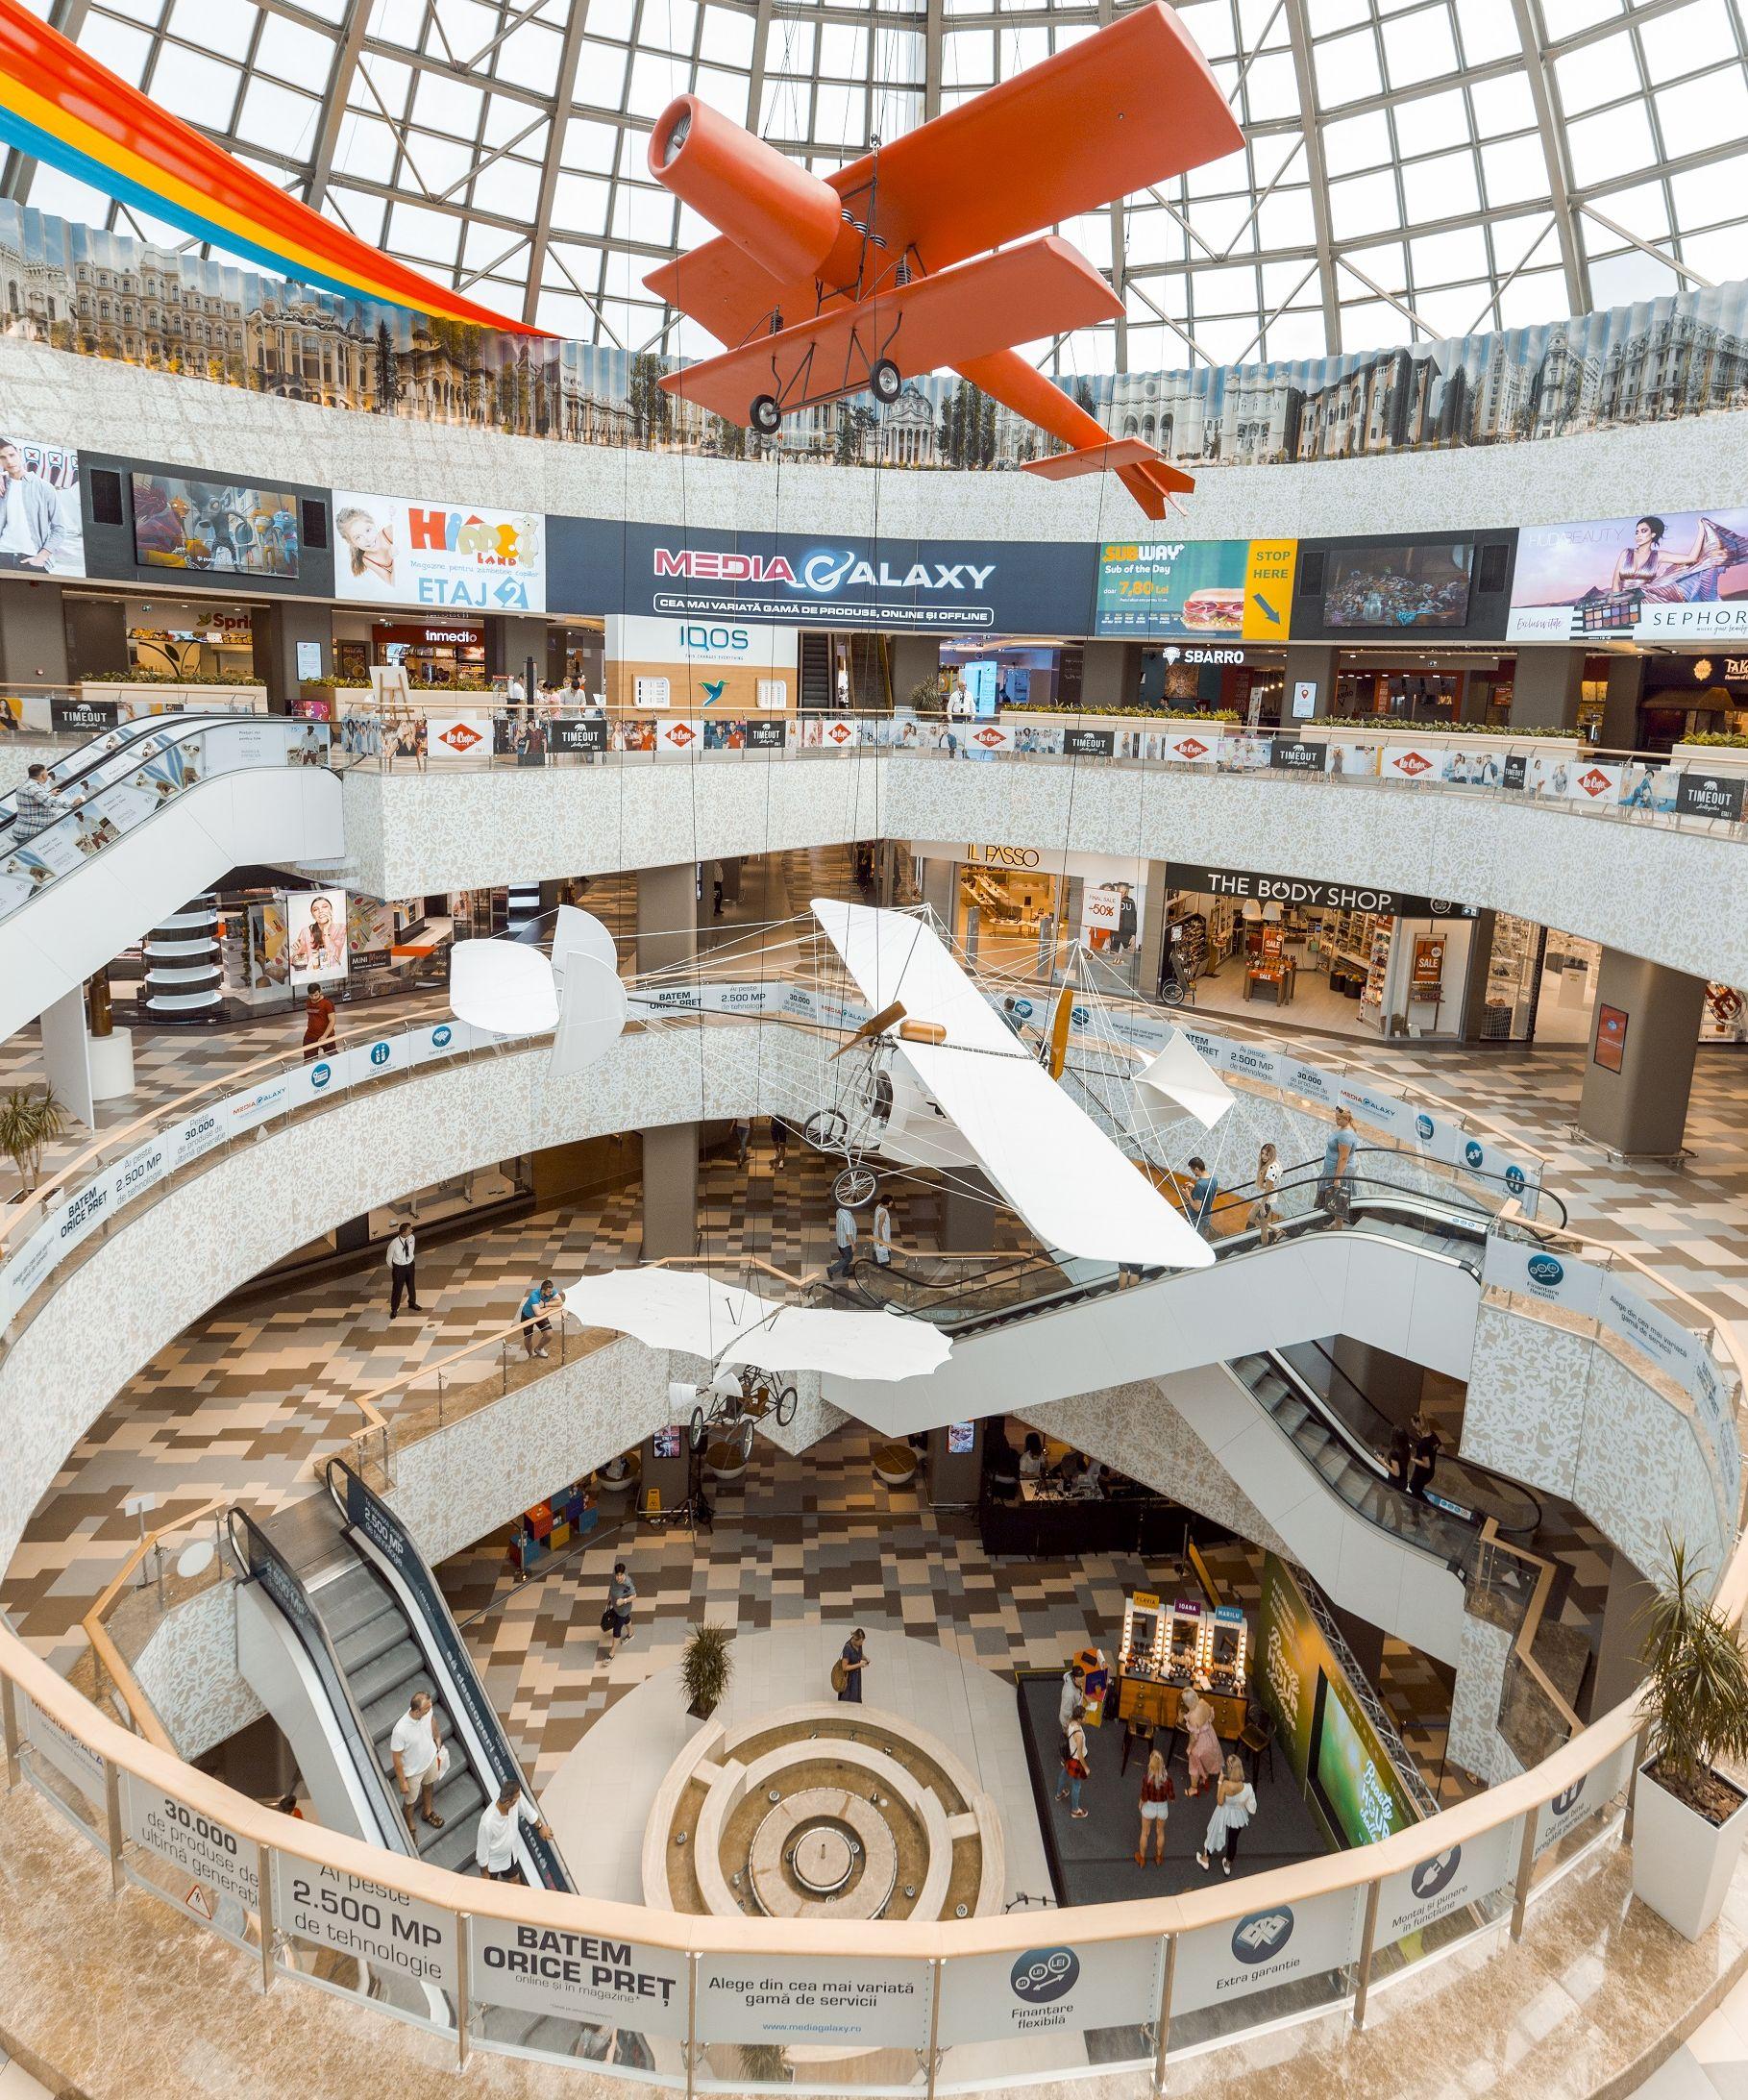 Mari români inventatori și invențiile lor la București Mall